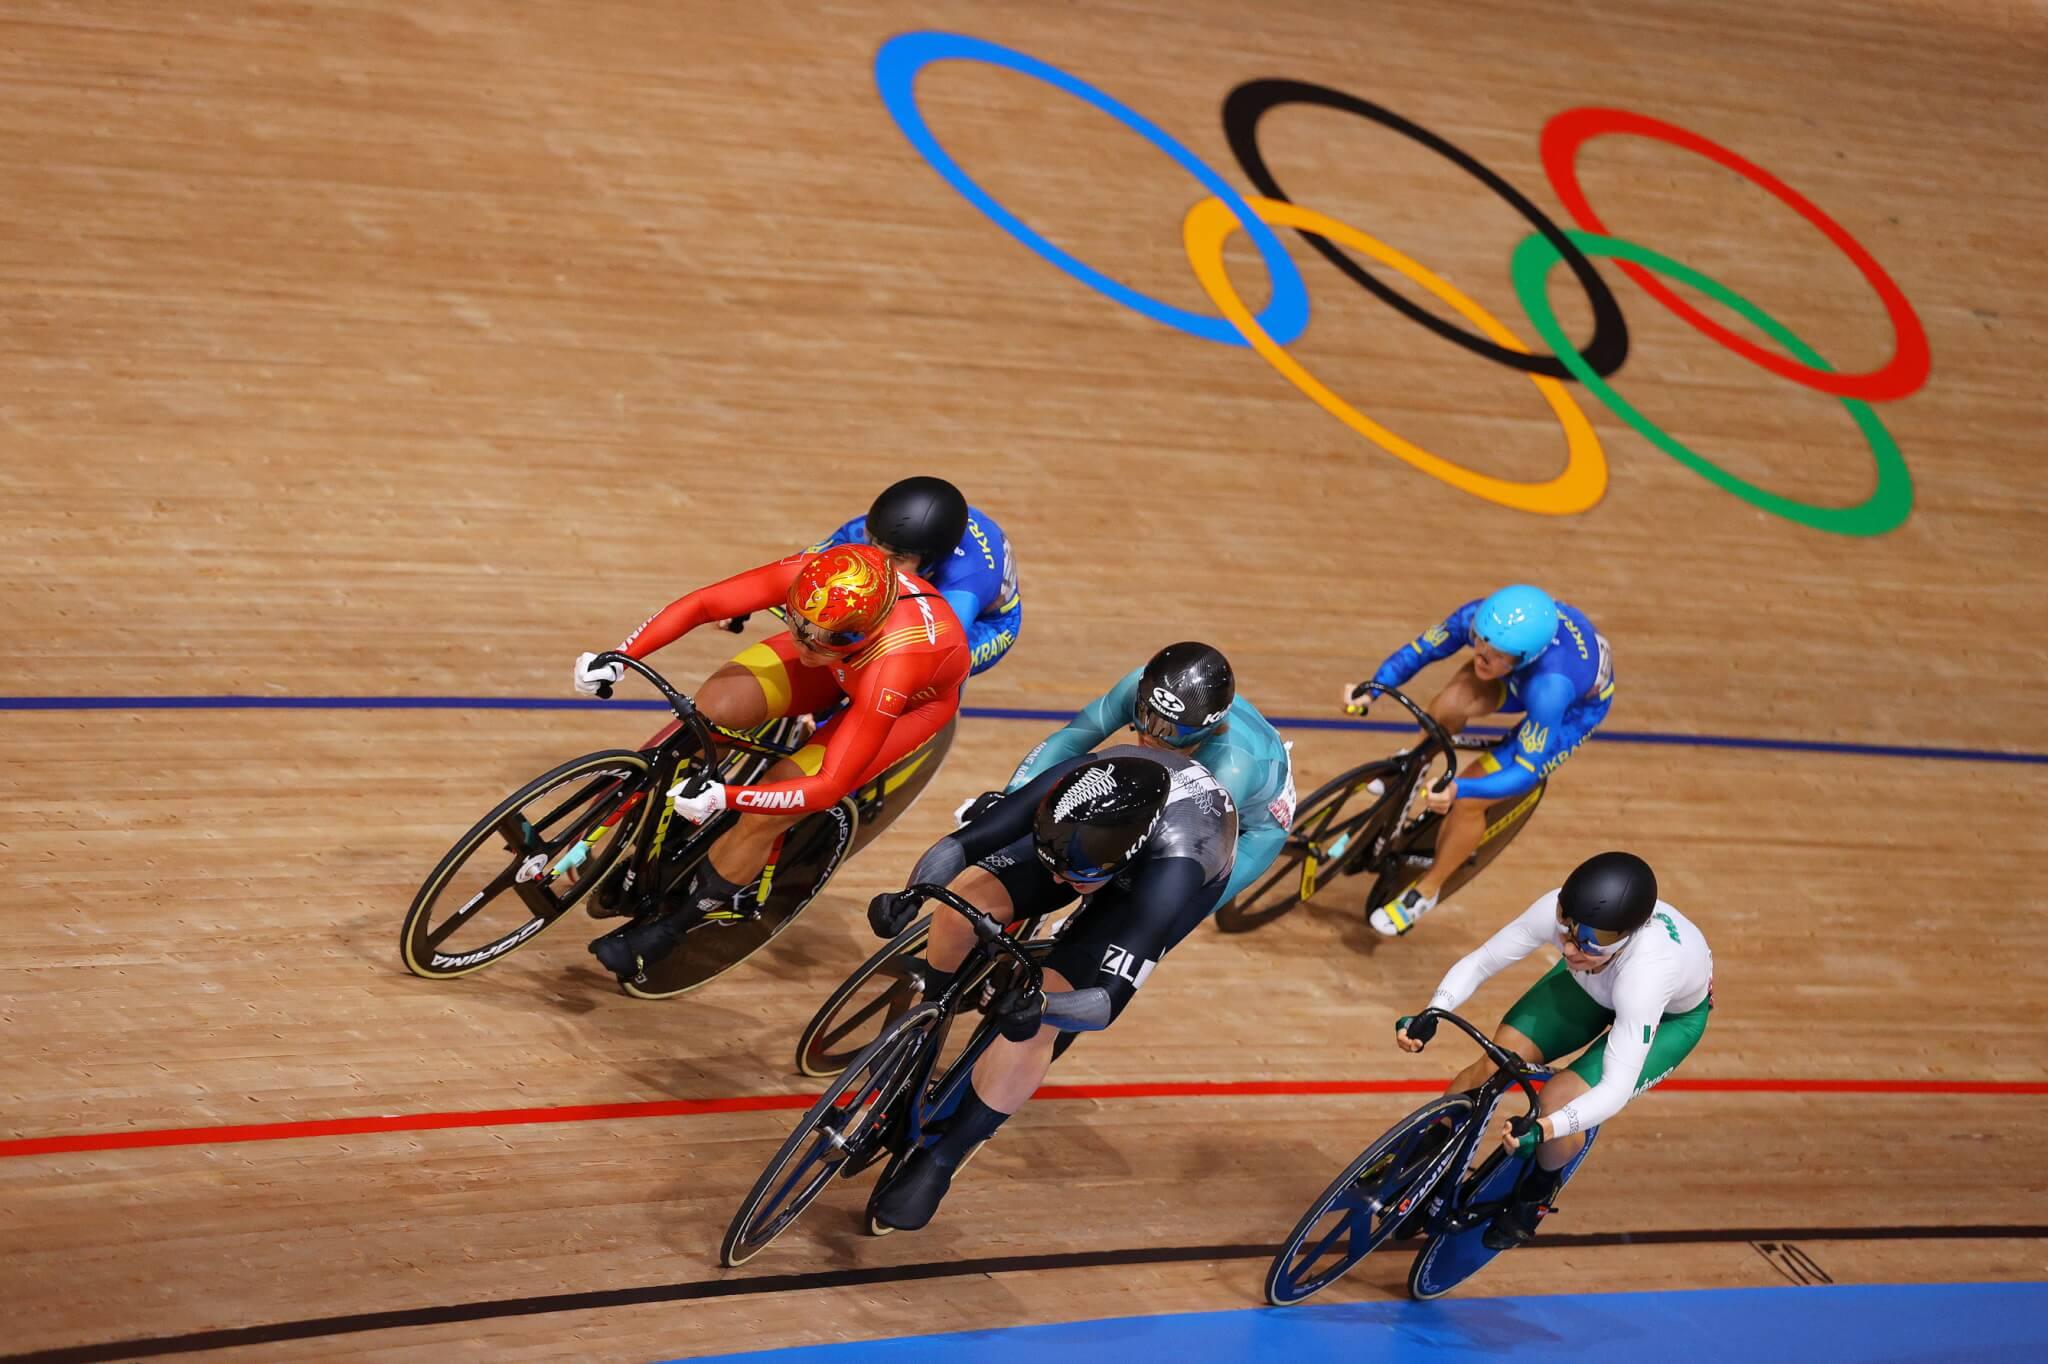 李慧詩於東奧場地女子單車賽凱林賽的半準決賽只取得第5名,及後的完成名次賽,以總成績第8名完成今屆賽事。(法新社圖片)